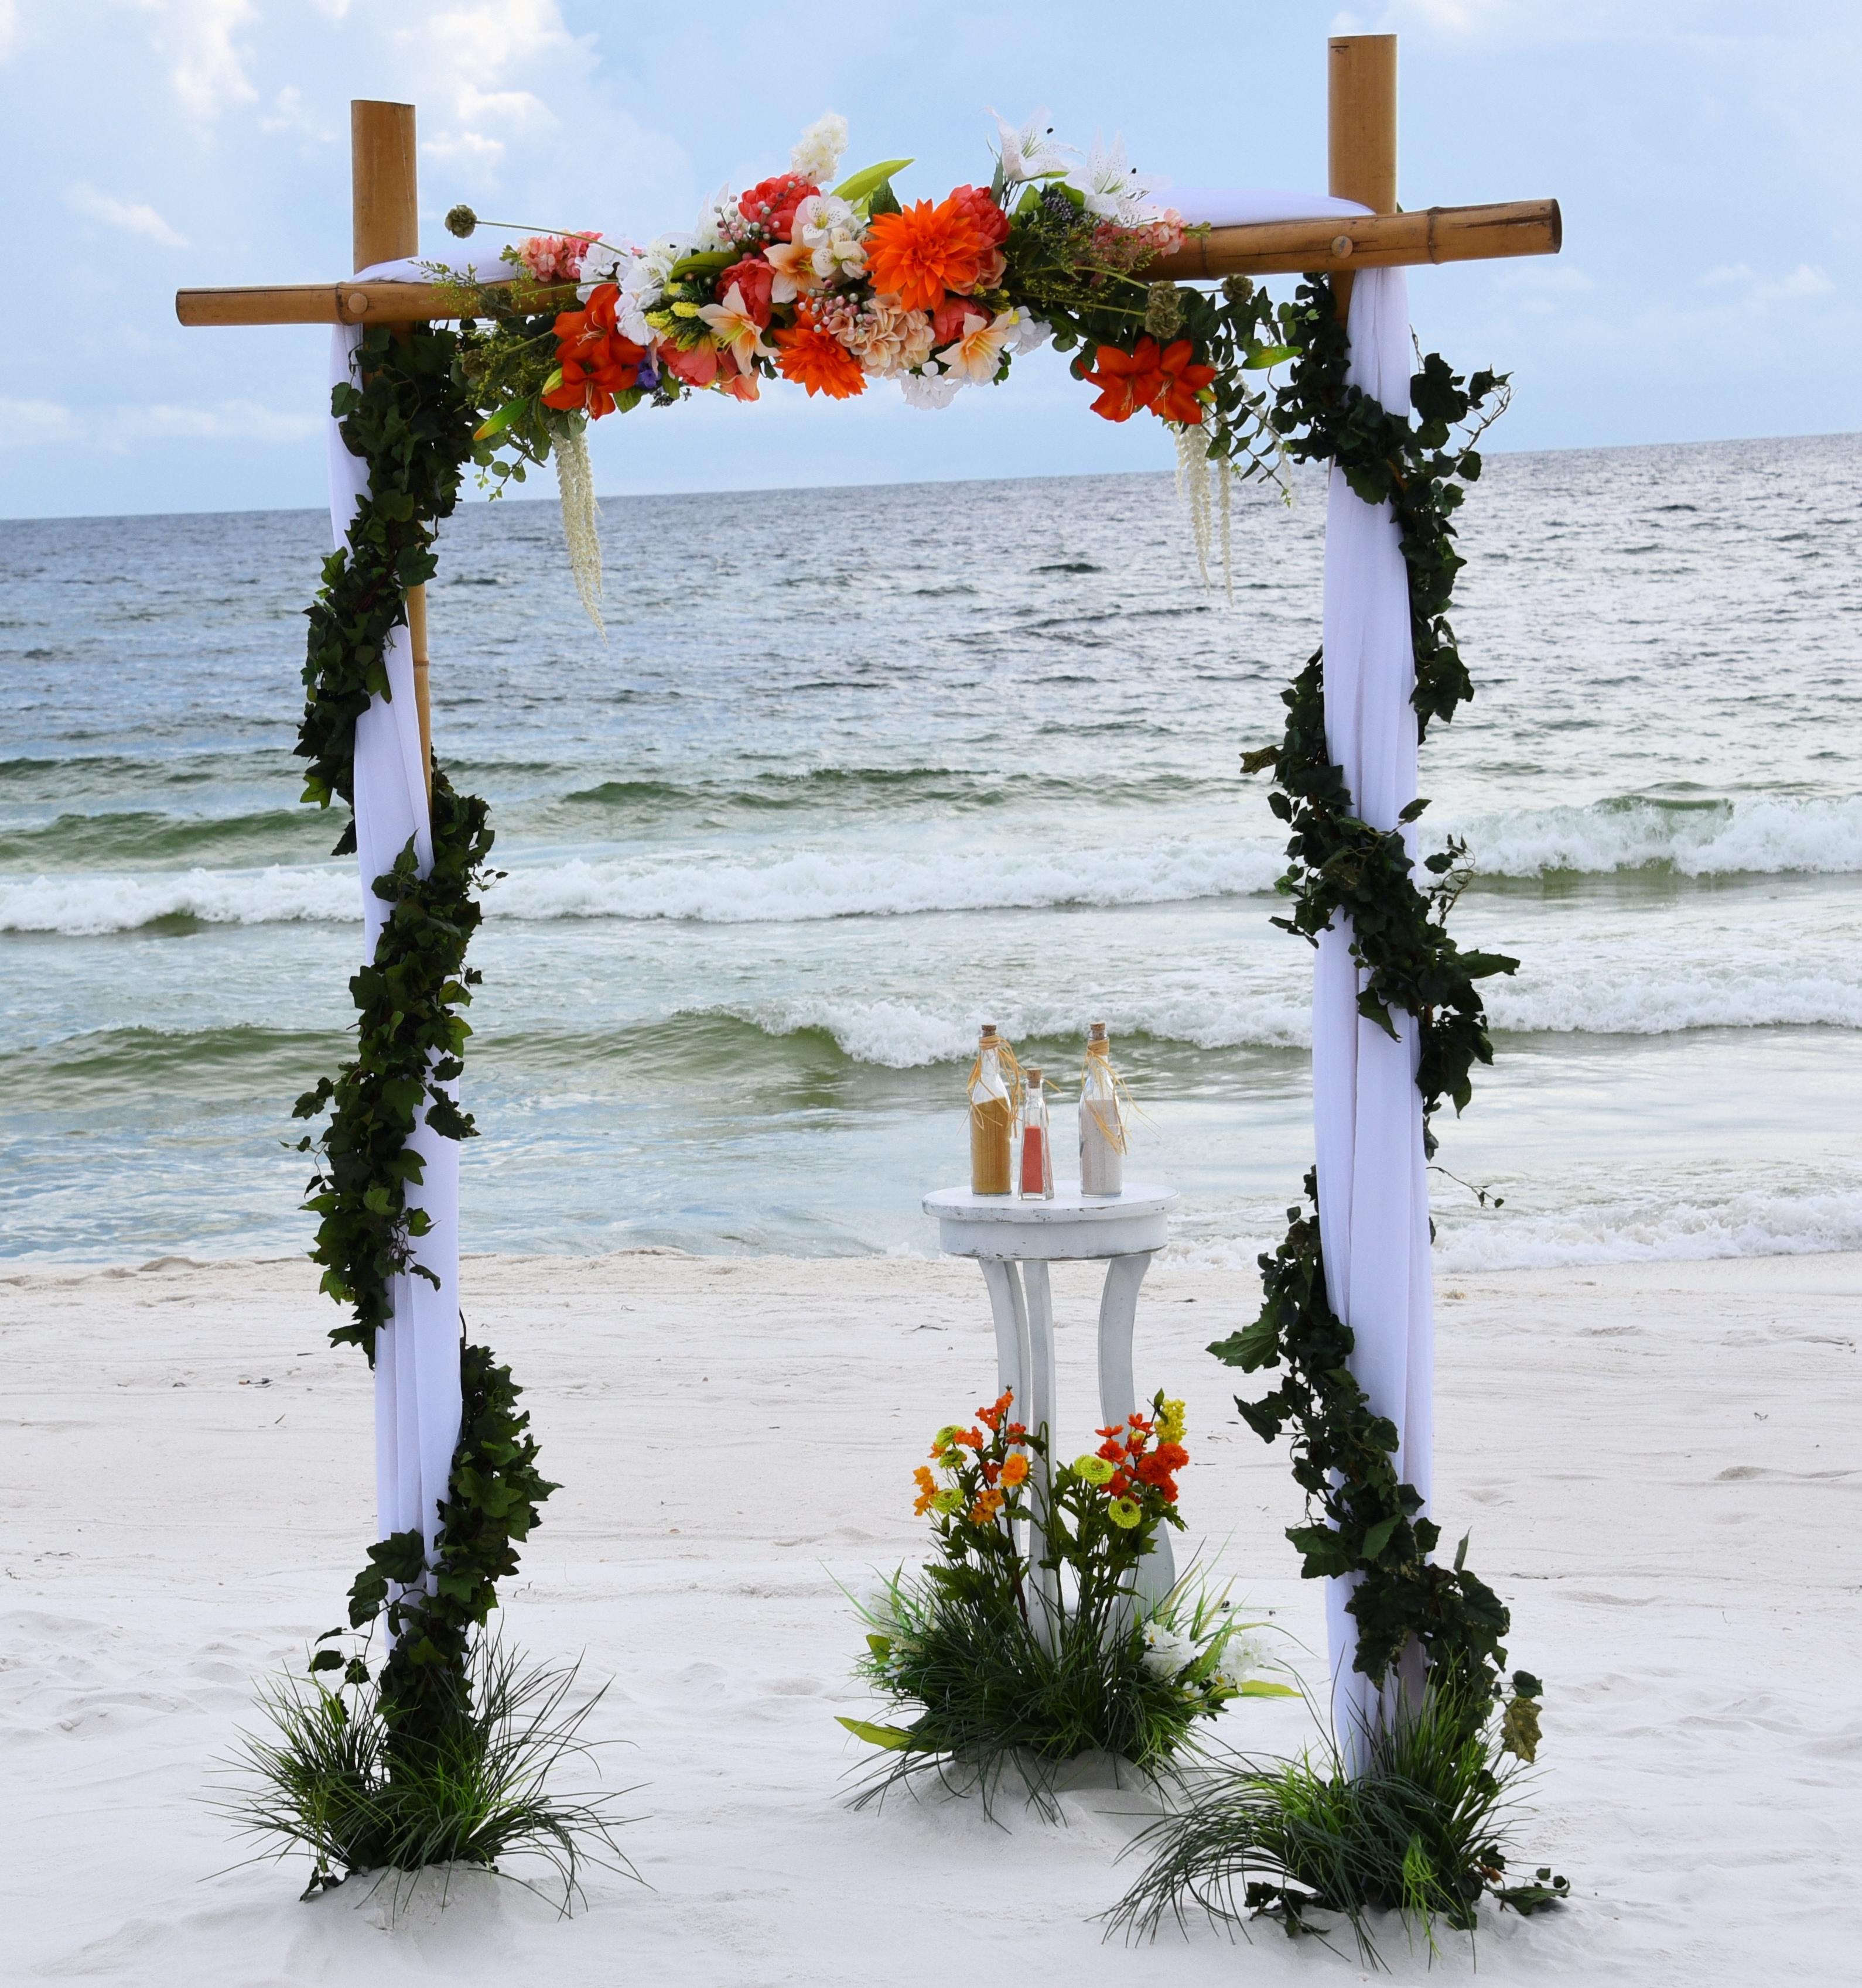 Tropical Beach Weddings Florida LLC - Mary Esther, FL 32569 - (850)496-2633   ShowMeLocal.com